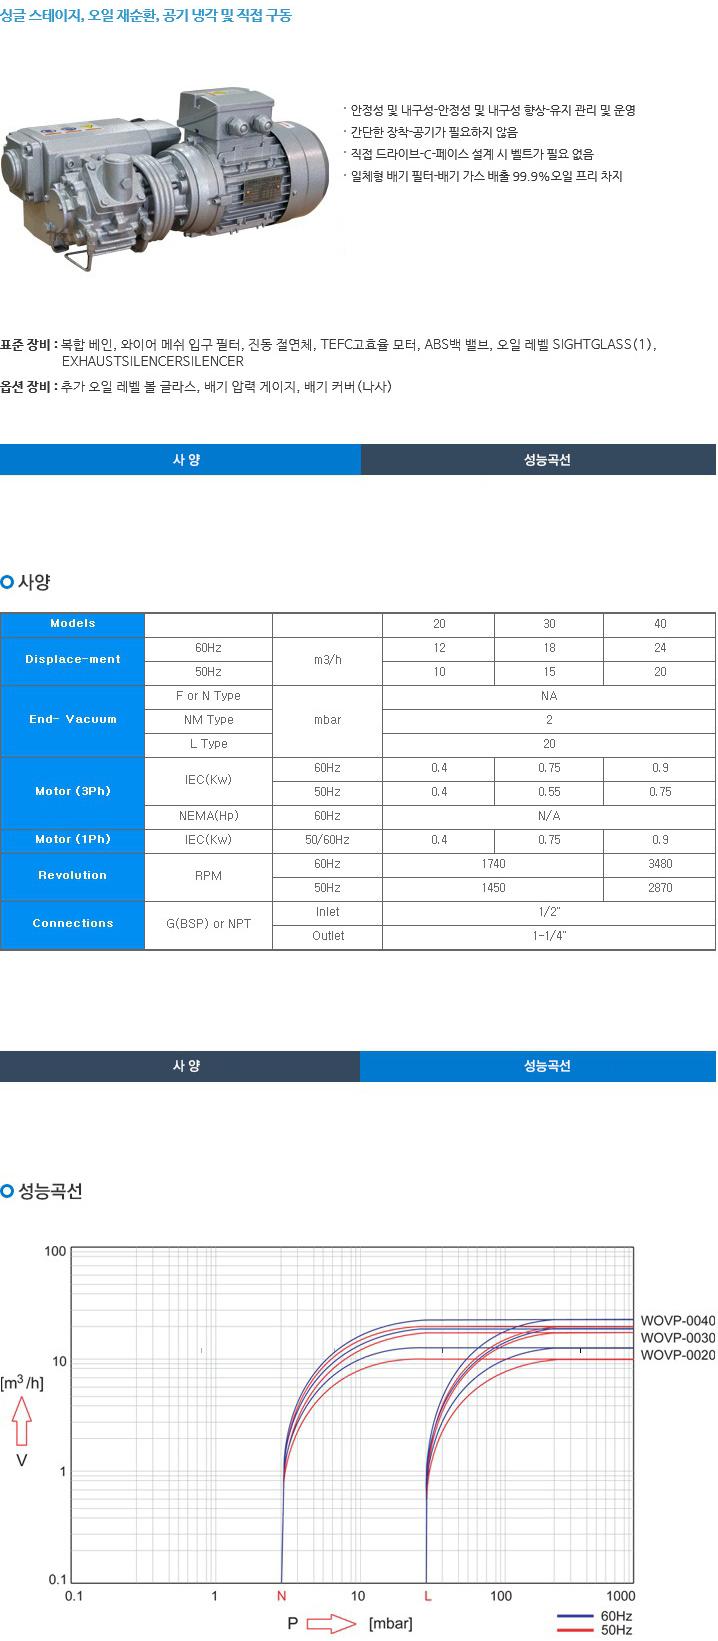 원창진공(주)  WOVP-0020/0030/0040 1